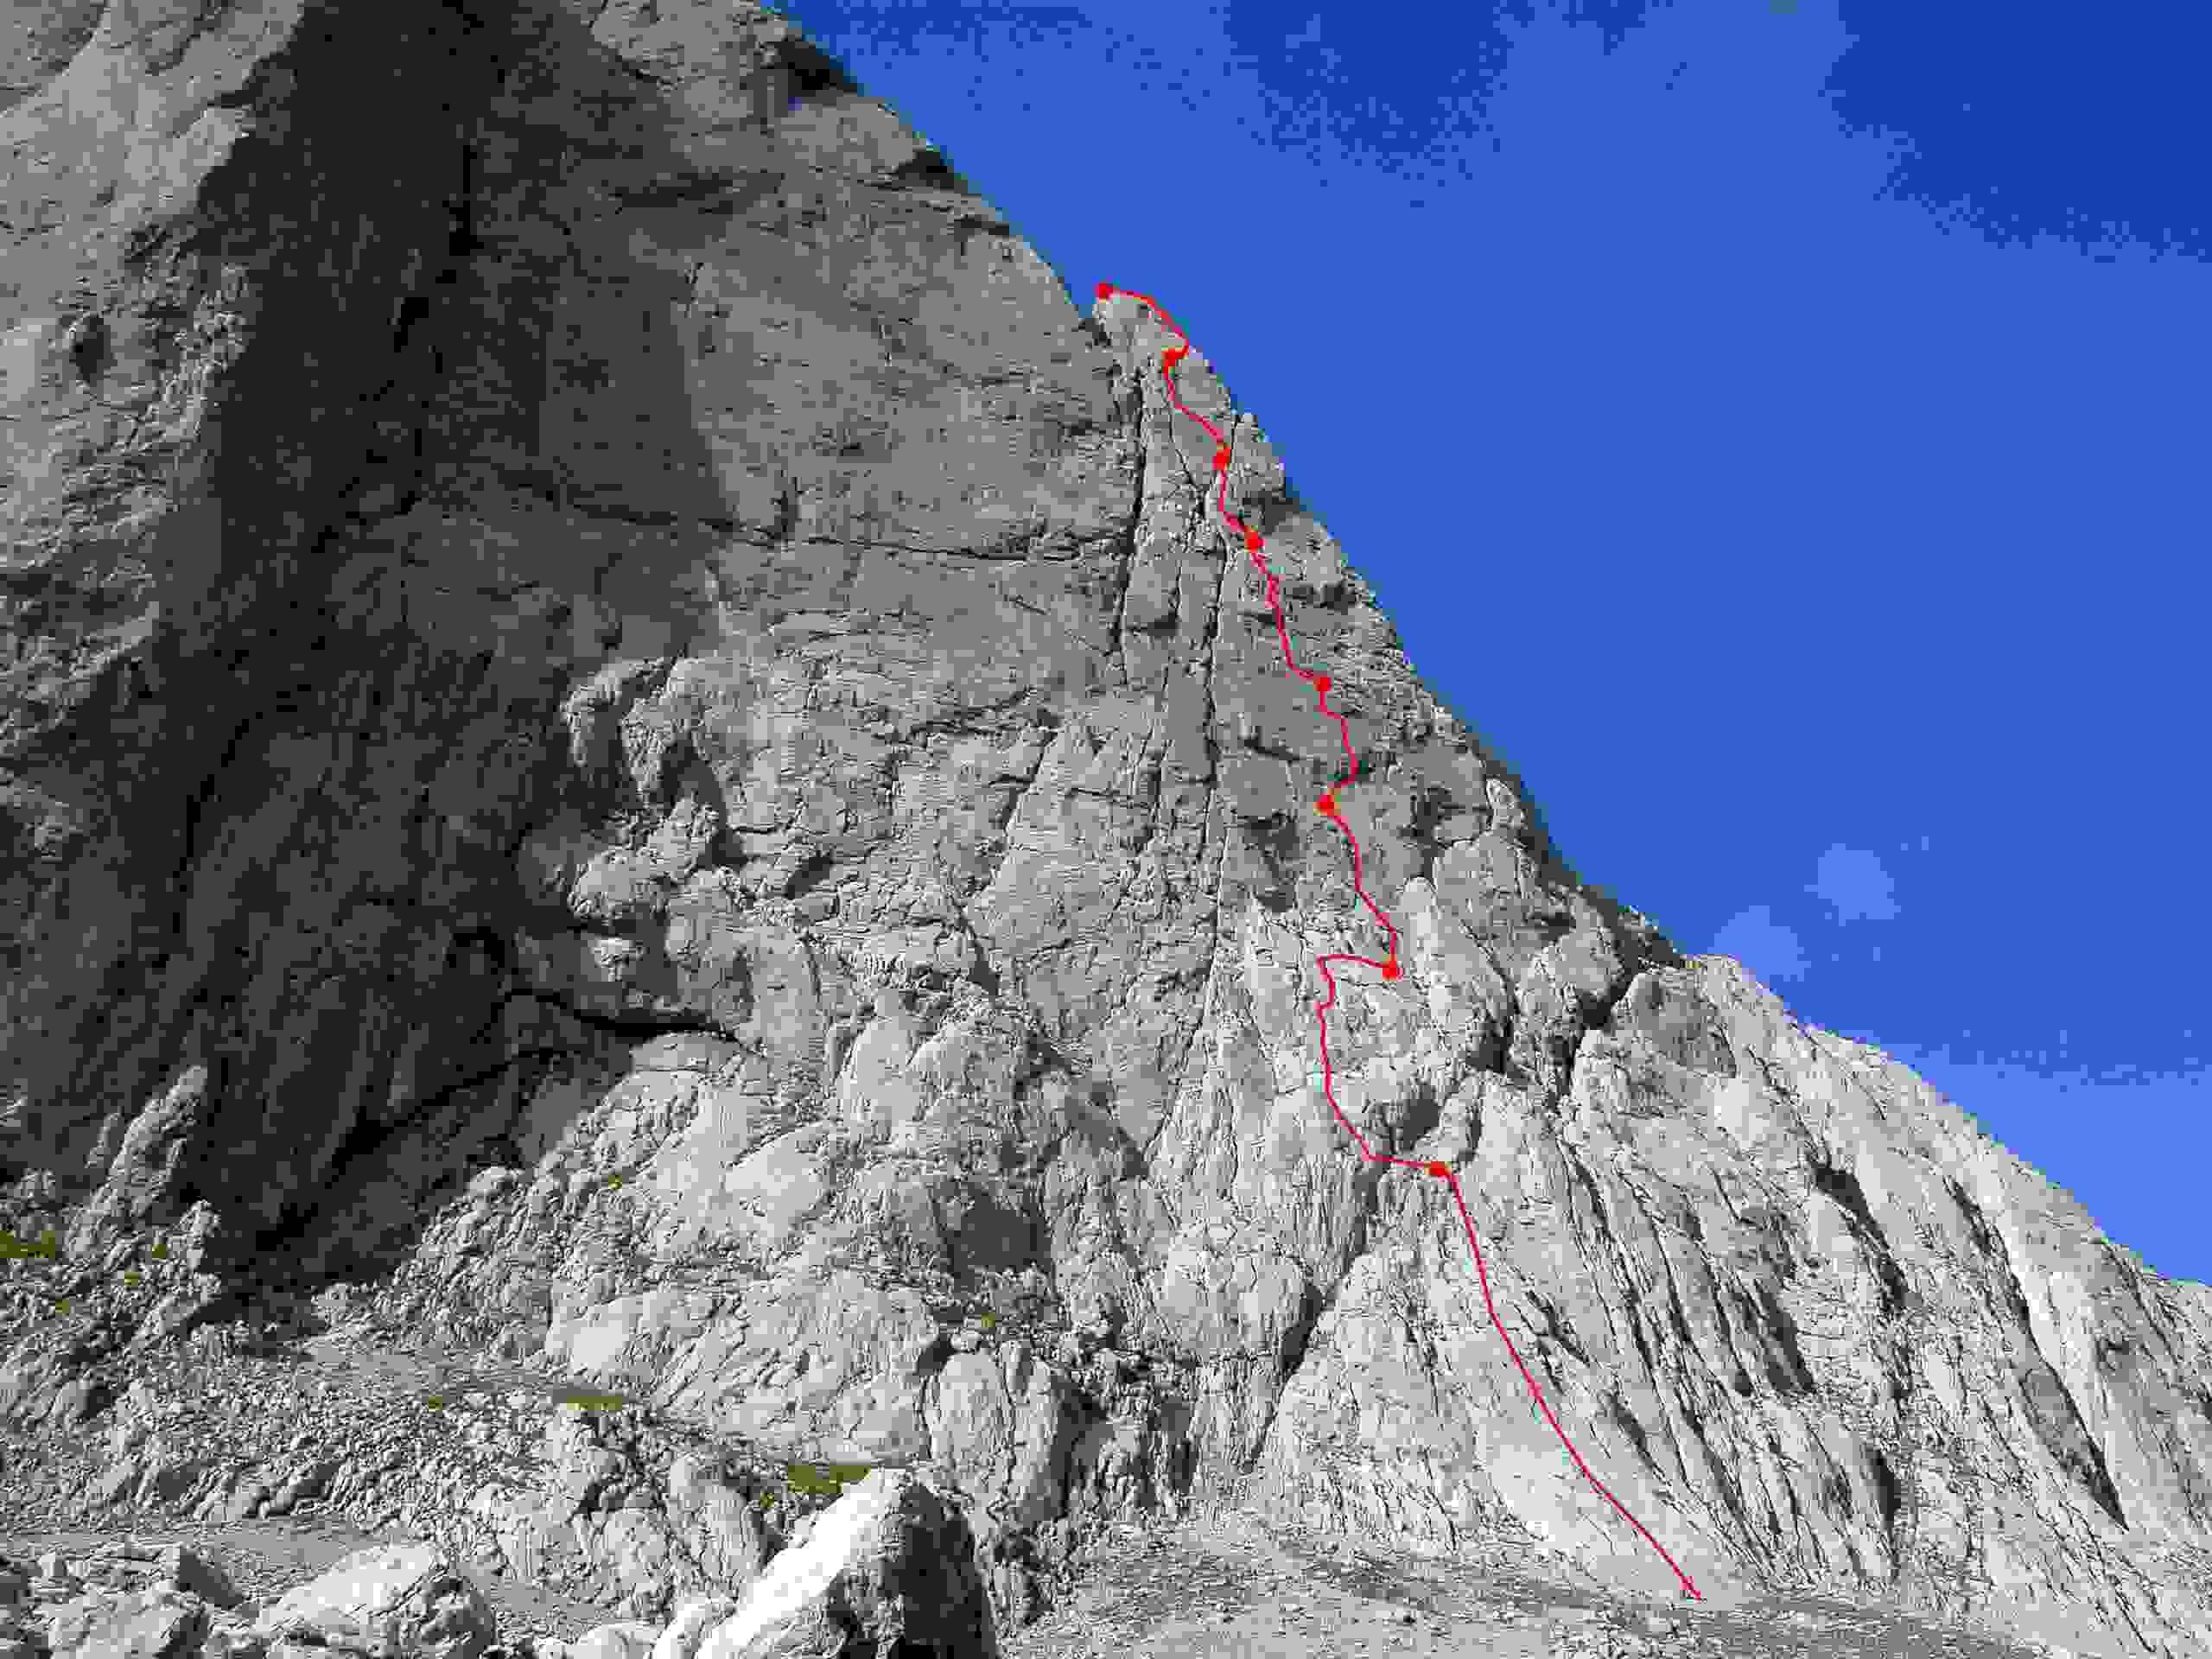 Foto: Kühberger Rudolf / Kletter Tour / Der wahre Kletterwahnsinn VIII+ / 05.03.2007 15:42:11